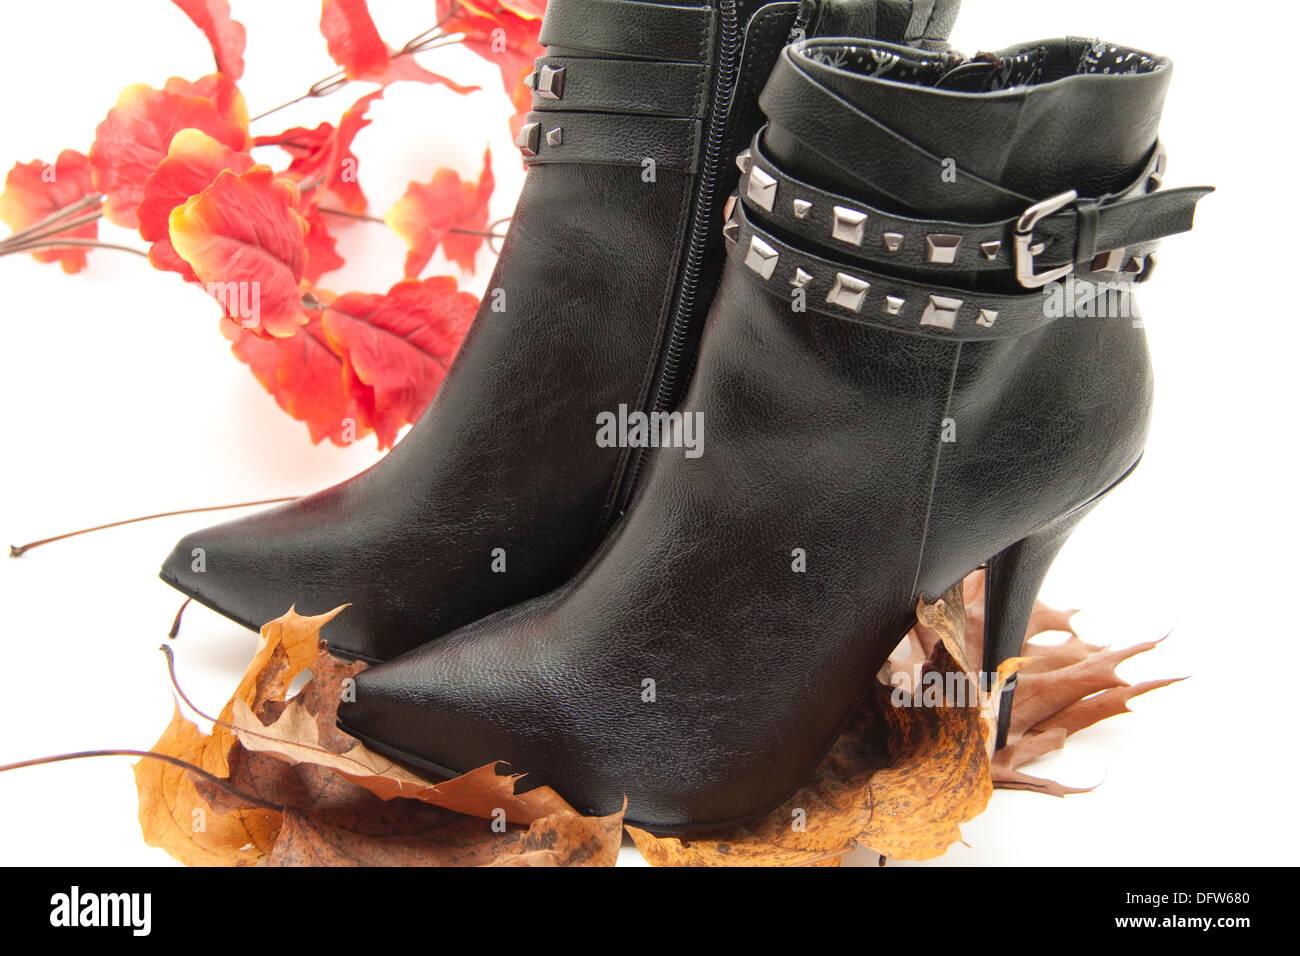 Stiefel Für Damen Stockfotos & Stiefel Für Damen Bilder Alamy